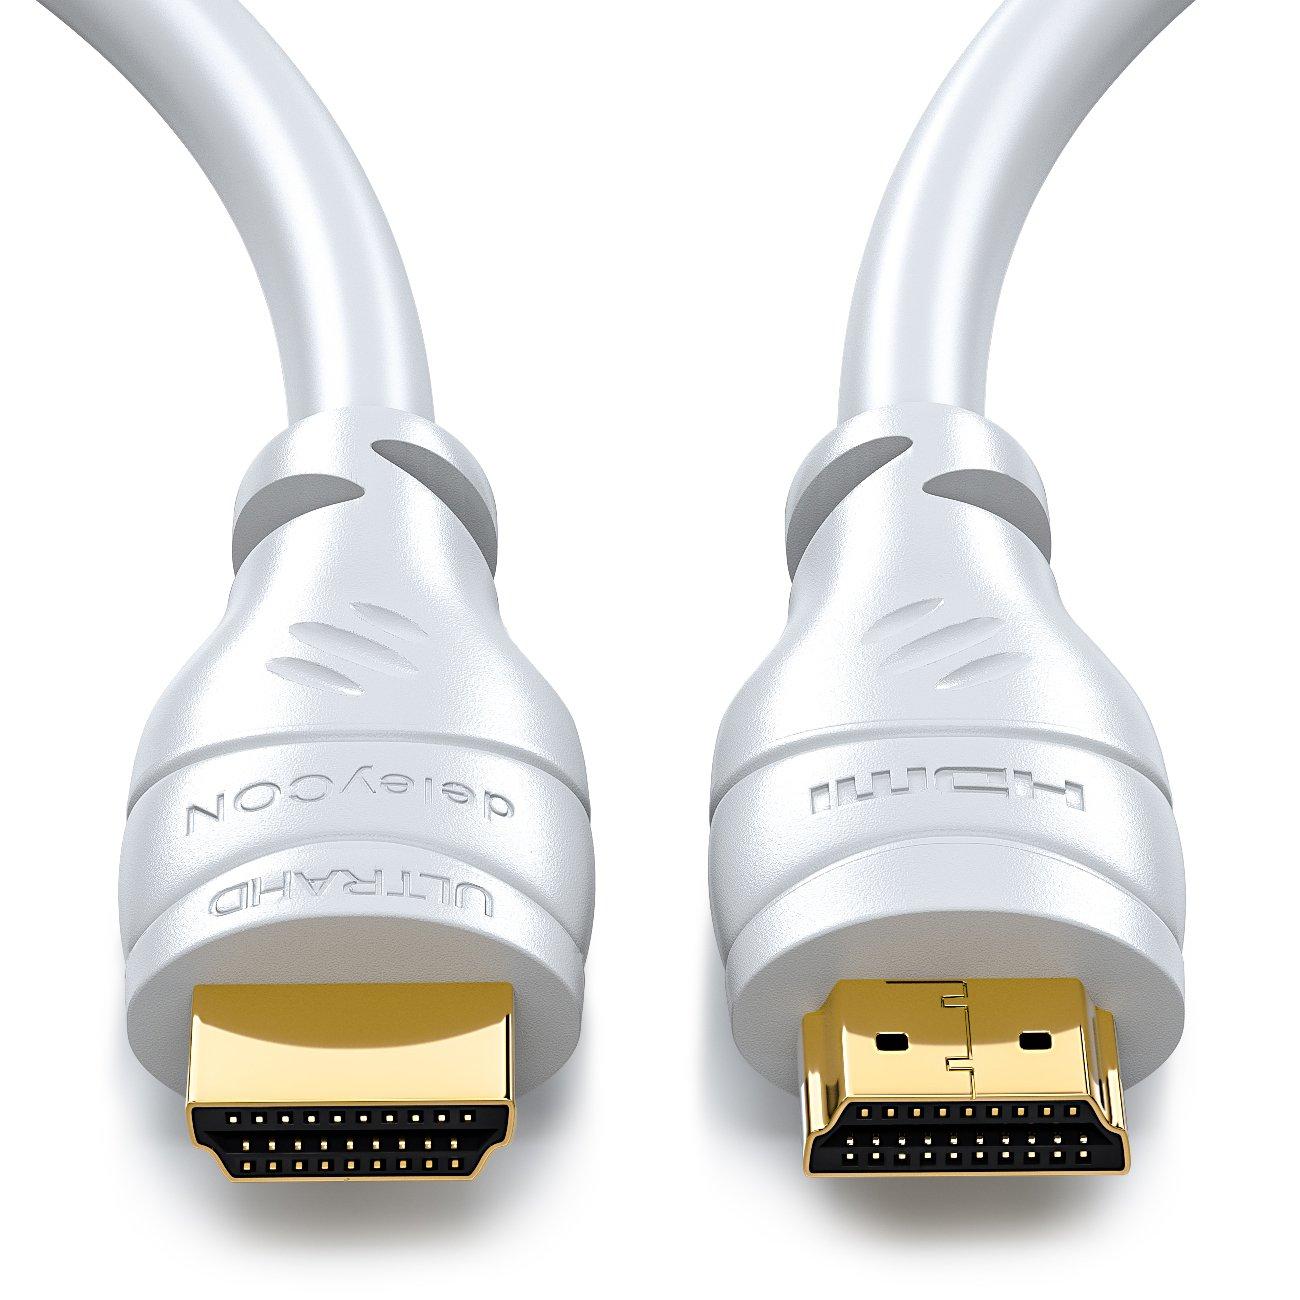 de alta velocidad con Ethernet deleyCON 25m Cable HDMI HDMI 2.0a compatible con//b // 1.4a UHD // 4K // HDR // 3D // 1080p // 2160p // ARC